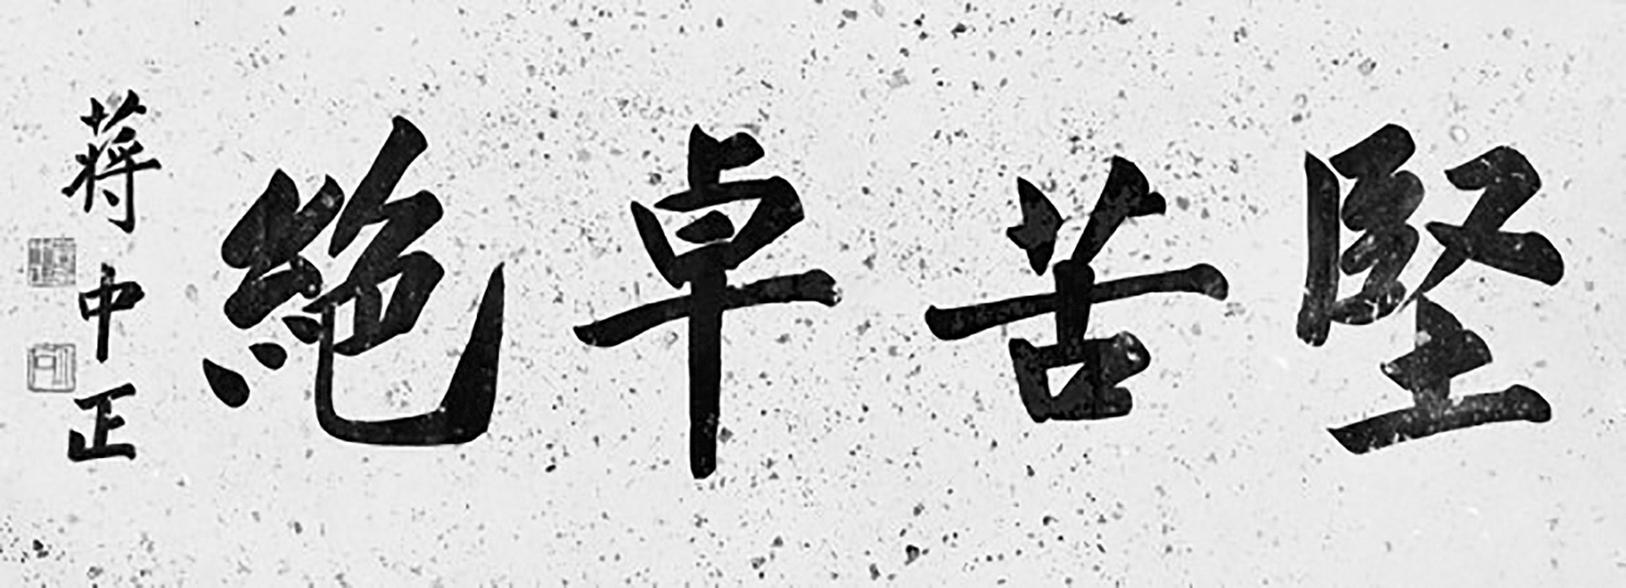 中國戰區最高統帥蔣中正抗戰題詞:艱苦卓絕。(網絡圖片)